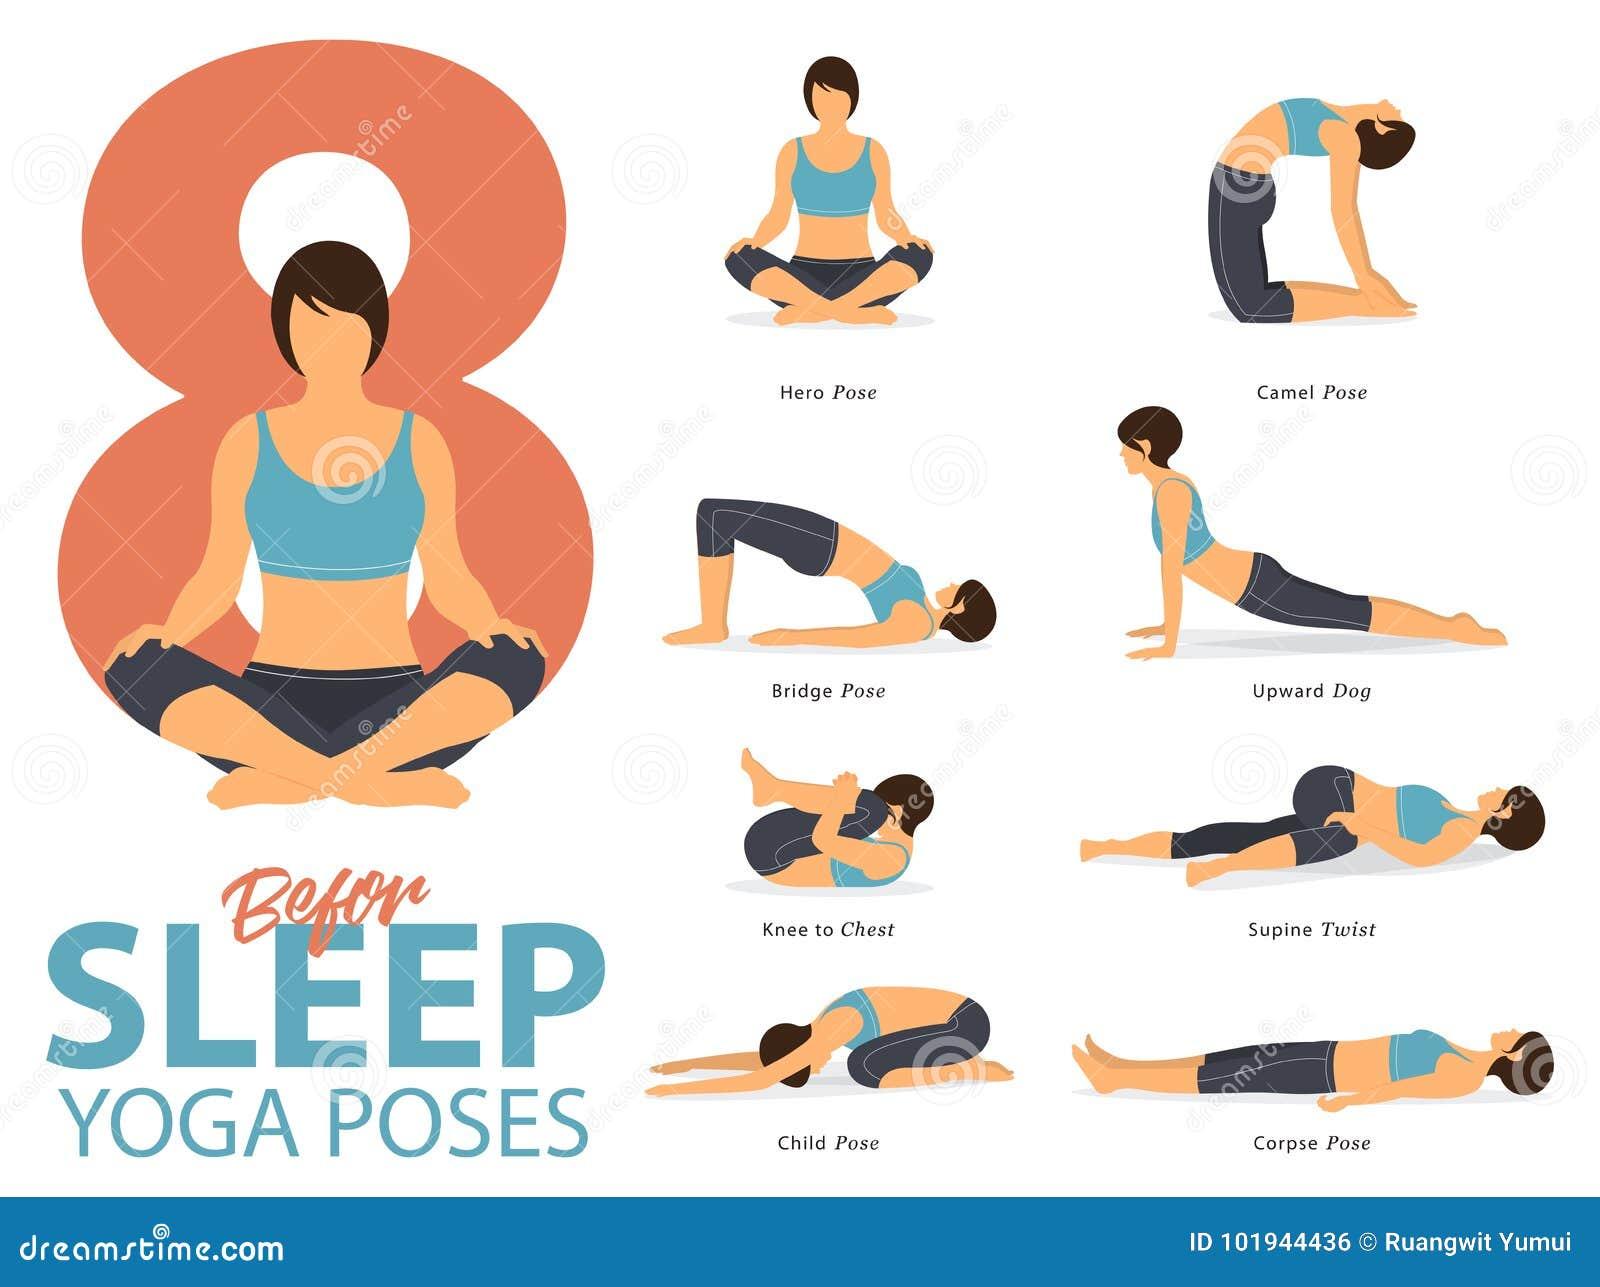 Um grupo de ioga postures figuras fêmeas para Infographic 8 poses da ioga para o exercício antes do sono no projeto liso Vetor